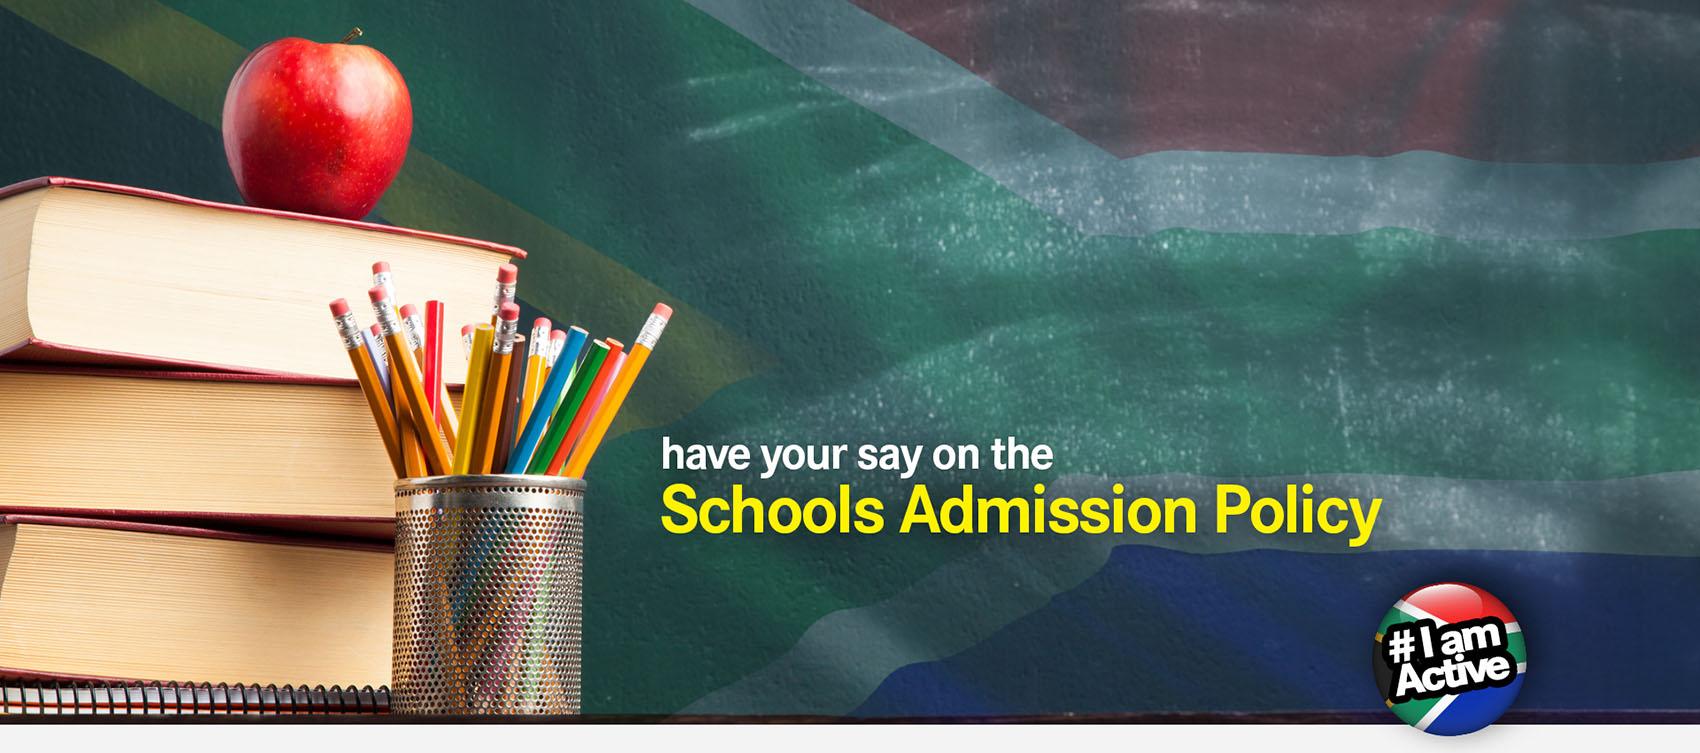 Schools-DearSA